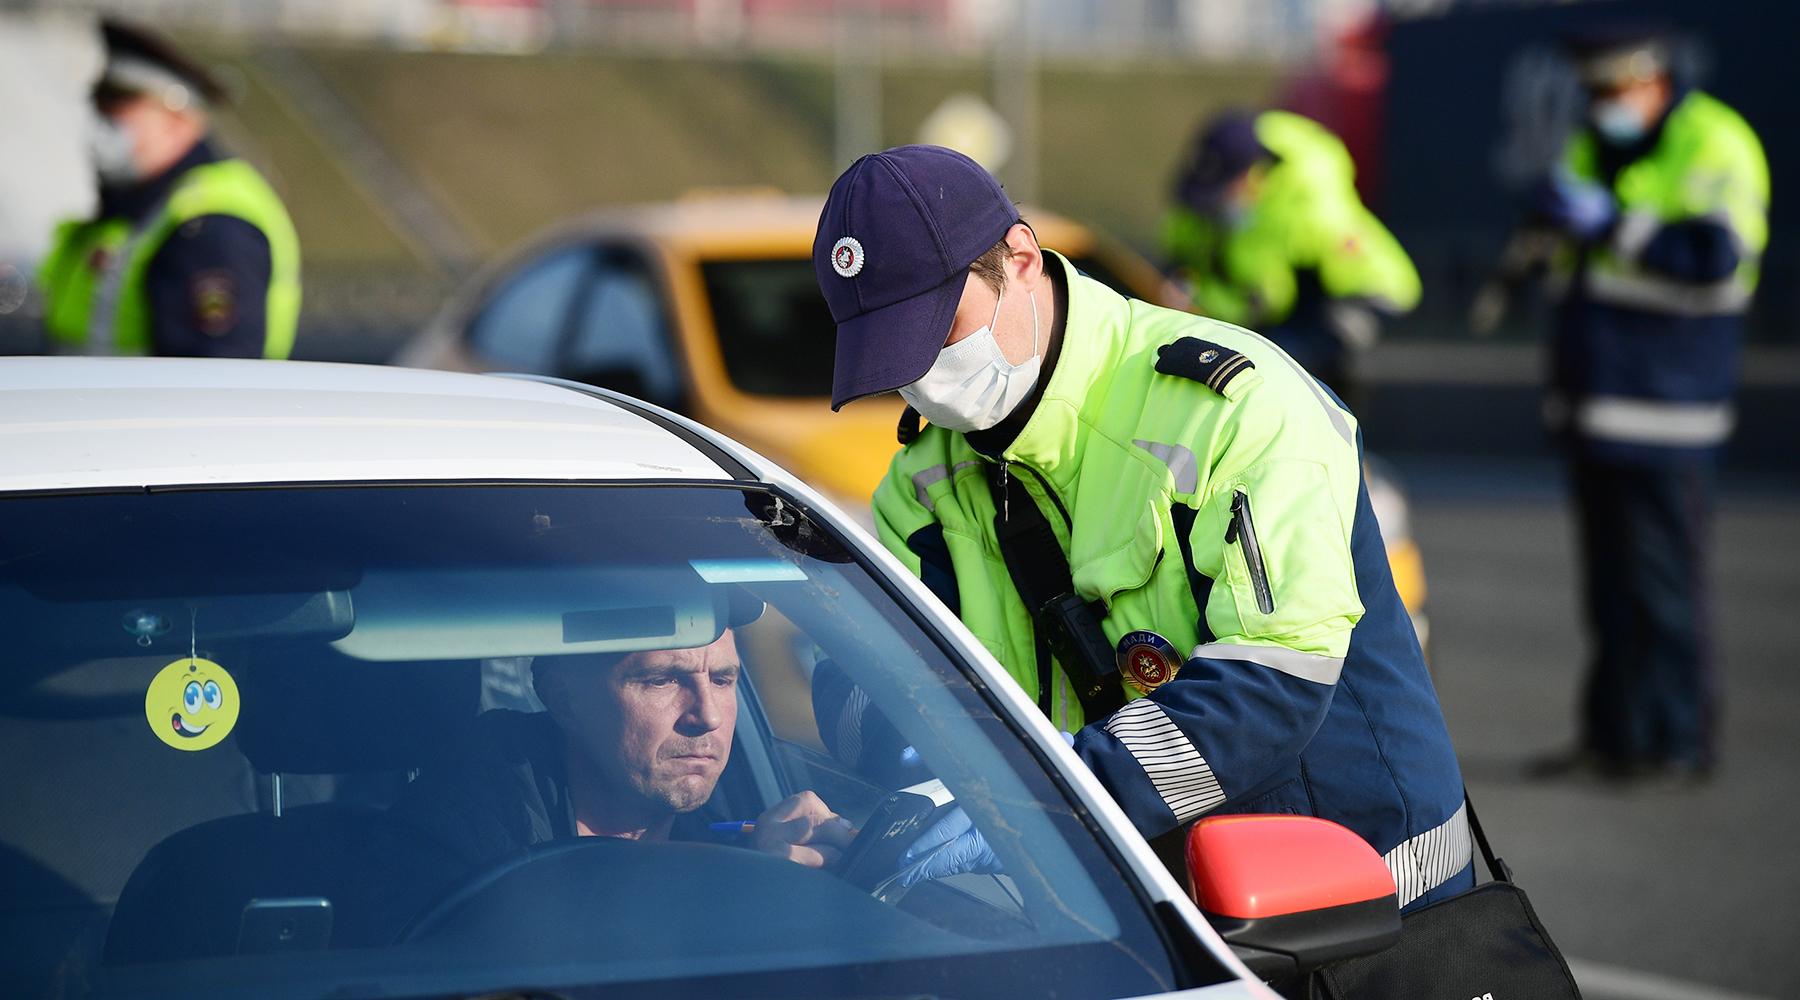 «В законодательстве был пробел»: как эксперты оценили инициативу о введении штрафа за превышение средней скорости1